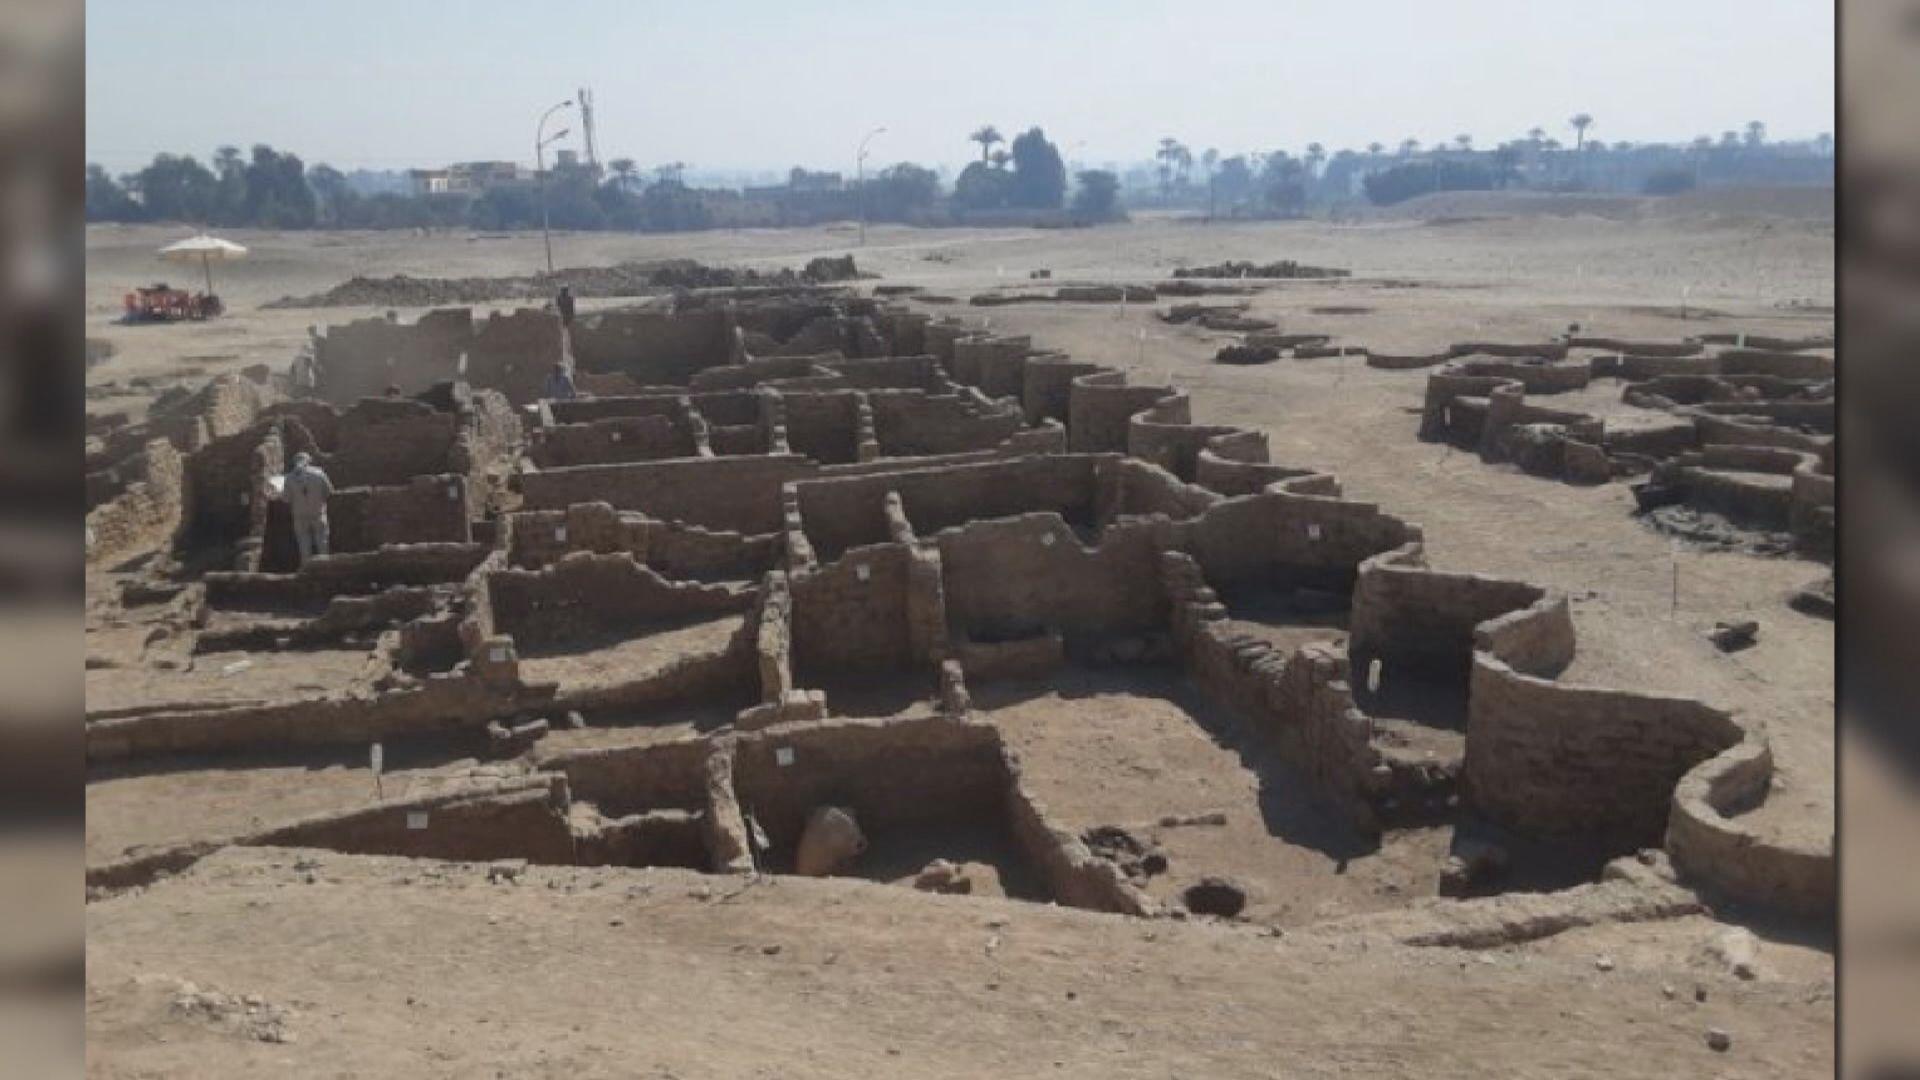 【環球薈報】考古學家發現距今三千年古埃及重要都城